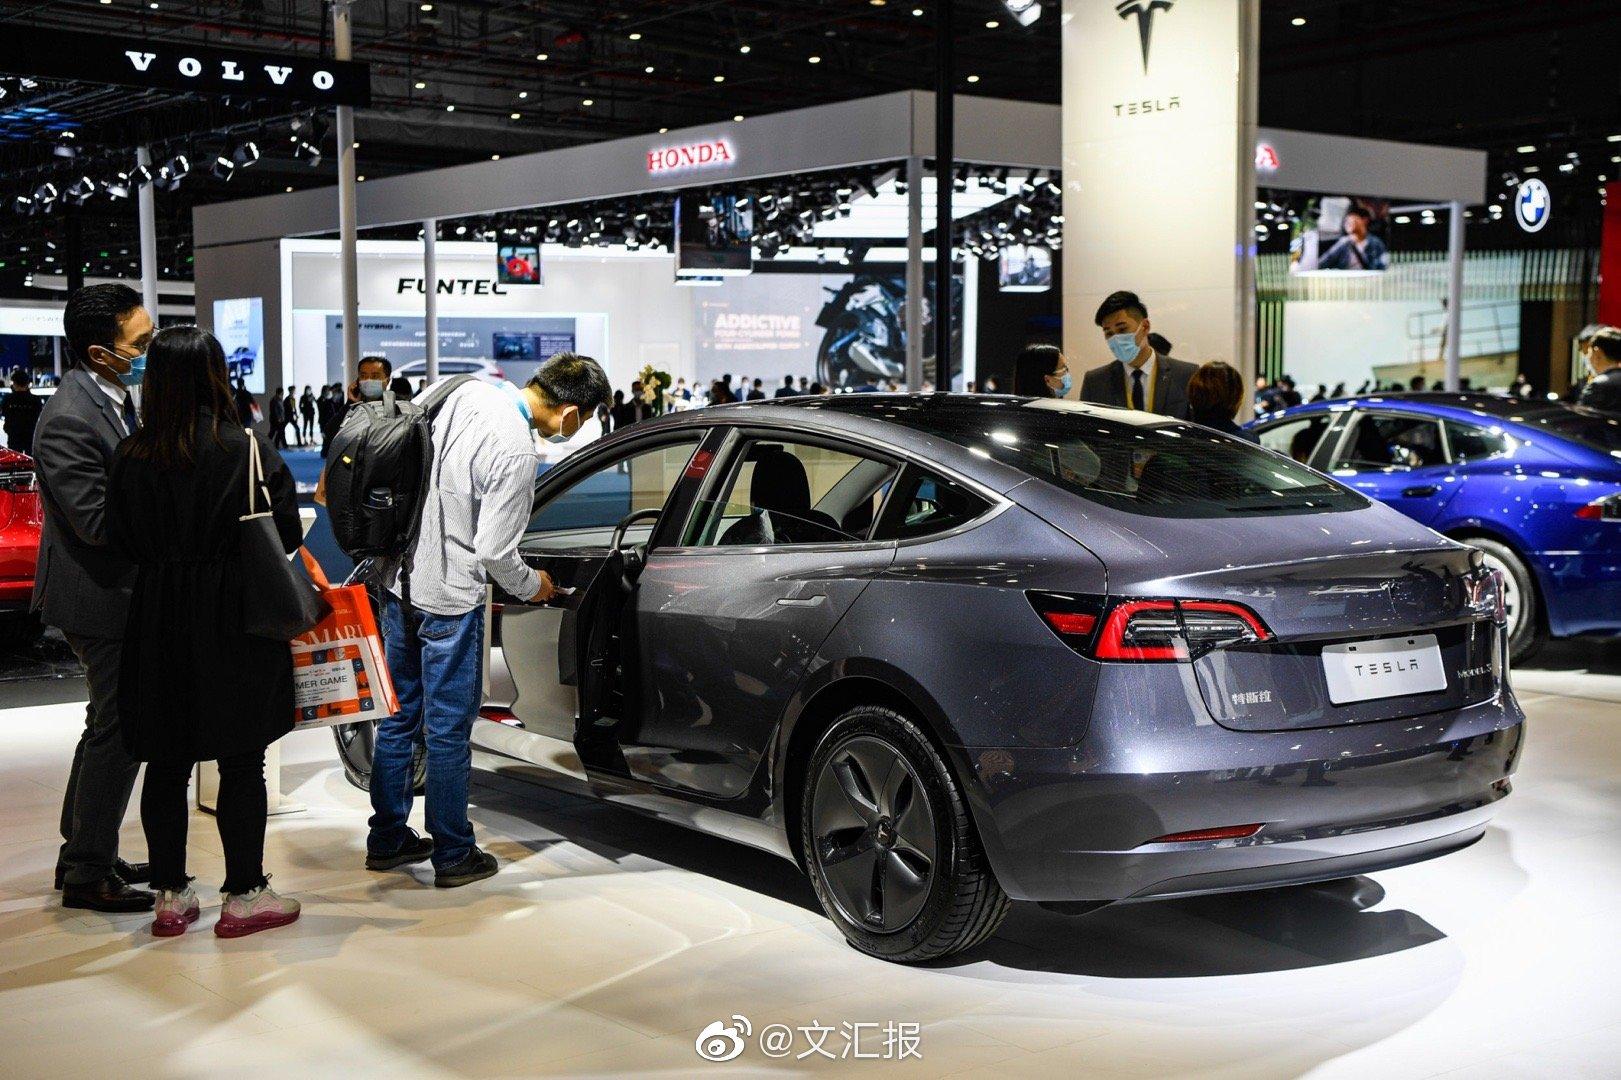 进博图集 | 挑花眼!汽车展区新能源型来报道,你看中哪辆